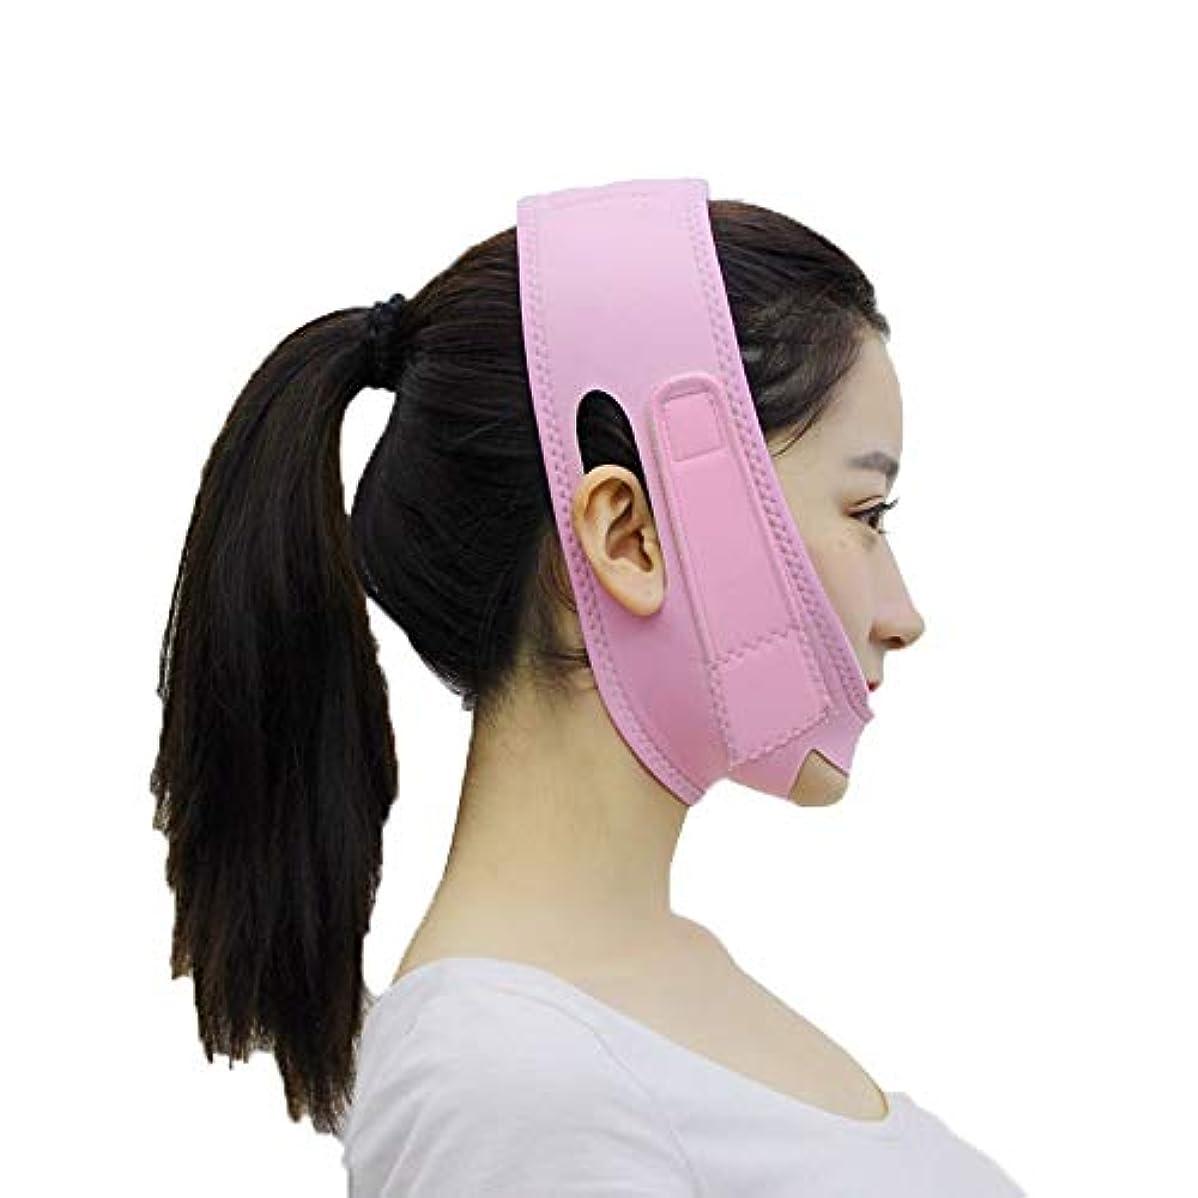 試用排気アピールフェイスリフティングベルト、V-フェイスマスク、フェイシャル?ルーピングダブルチンリデューサーを防止する顔の皮膚ファーミングフェイシャル?形成外科包帯リフティング (Color : A)